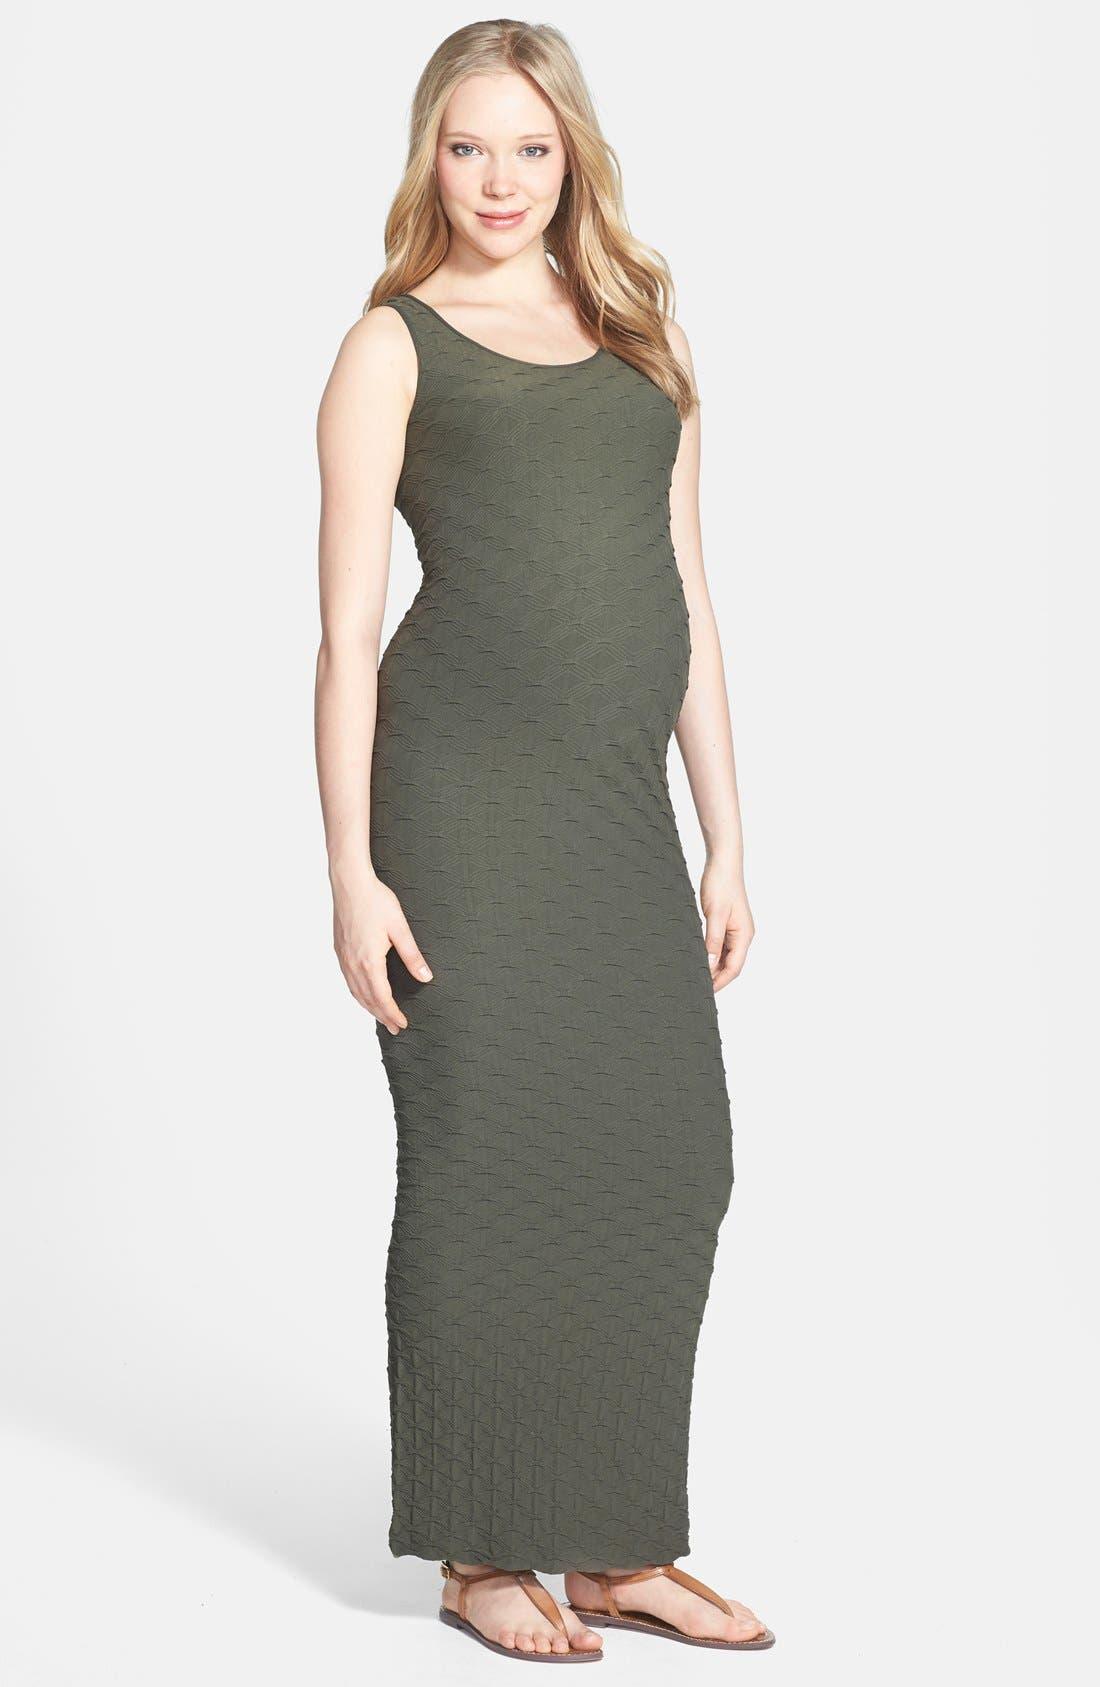 'Lattice' Maxi Maternity Dress,                             Main thumbnail 1, color,                             Safari